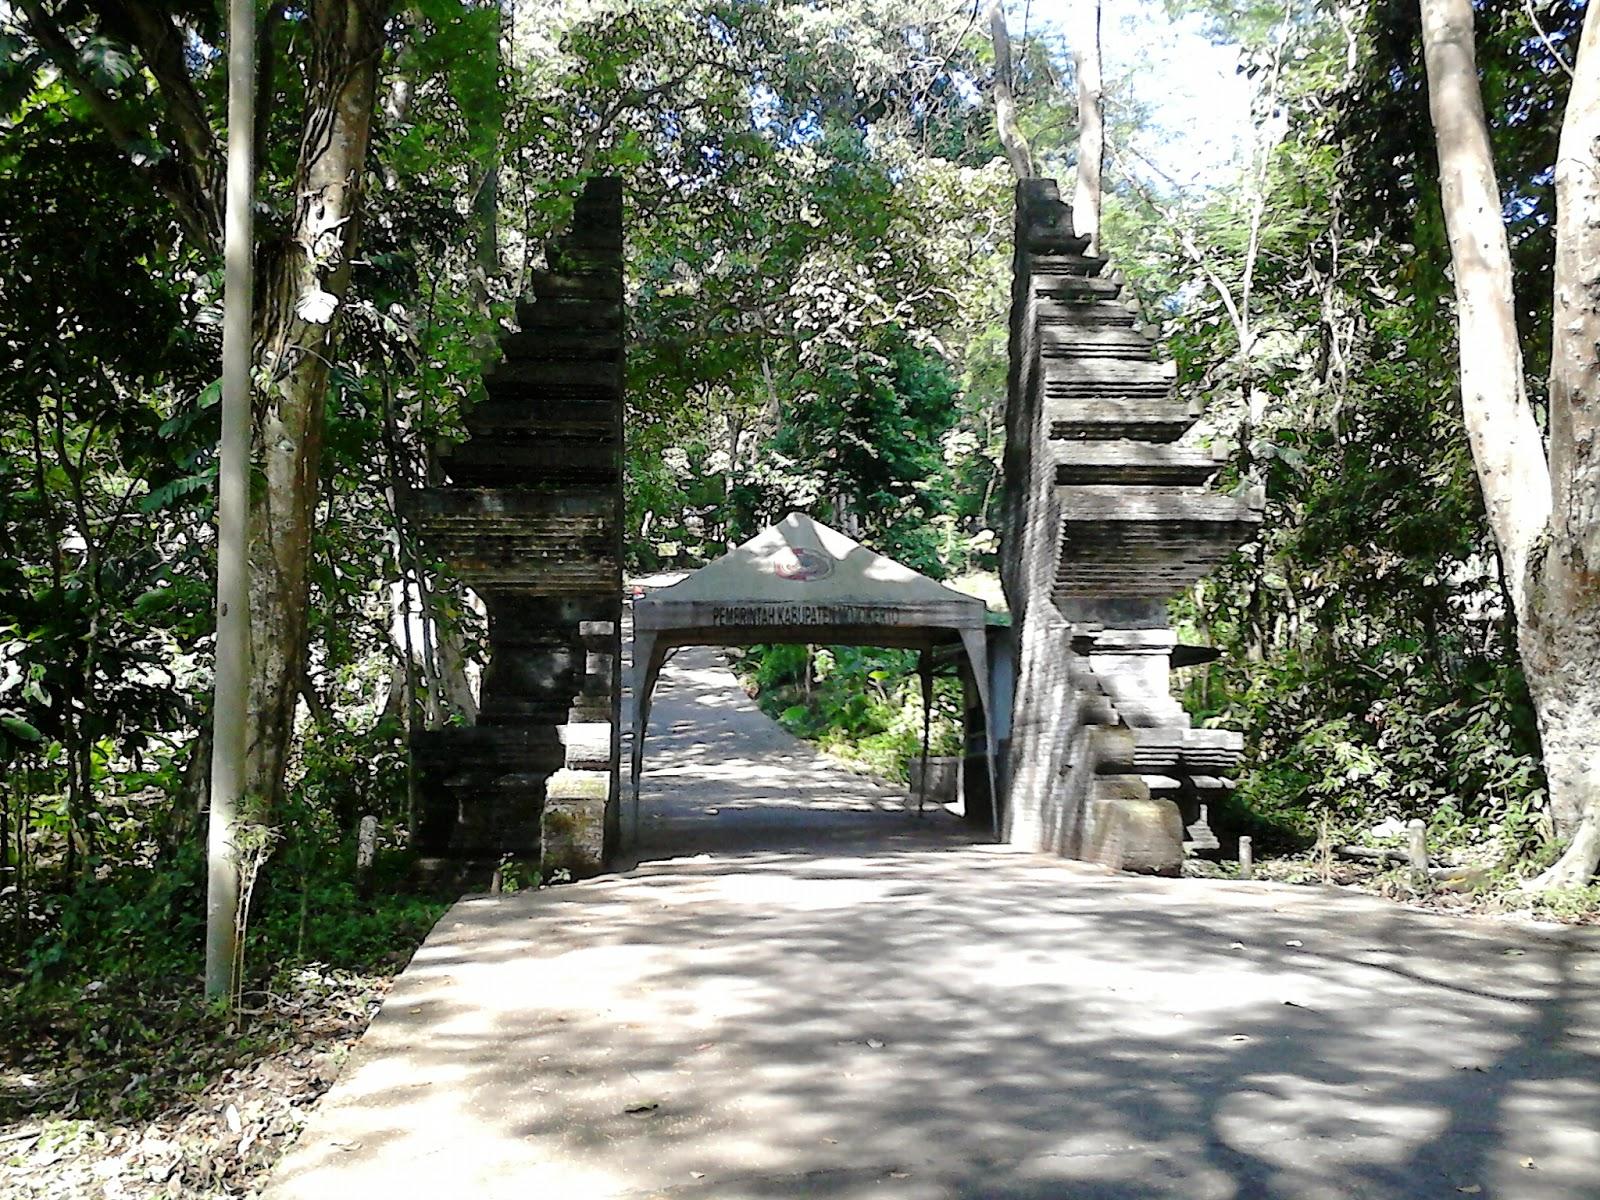 Gempol Jawa Timur Jalan Masuk Candi Petirtaan Jolotundo Trawas Kab